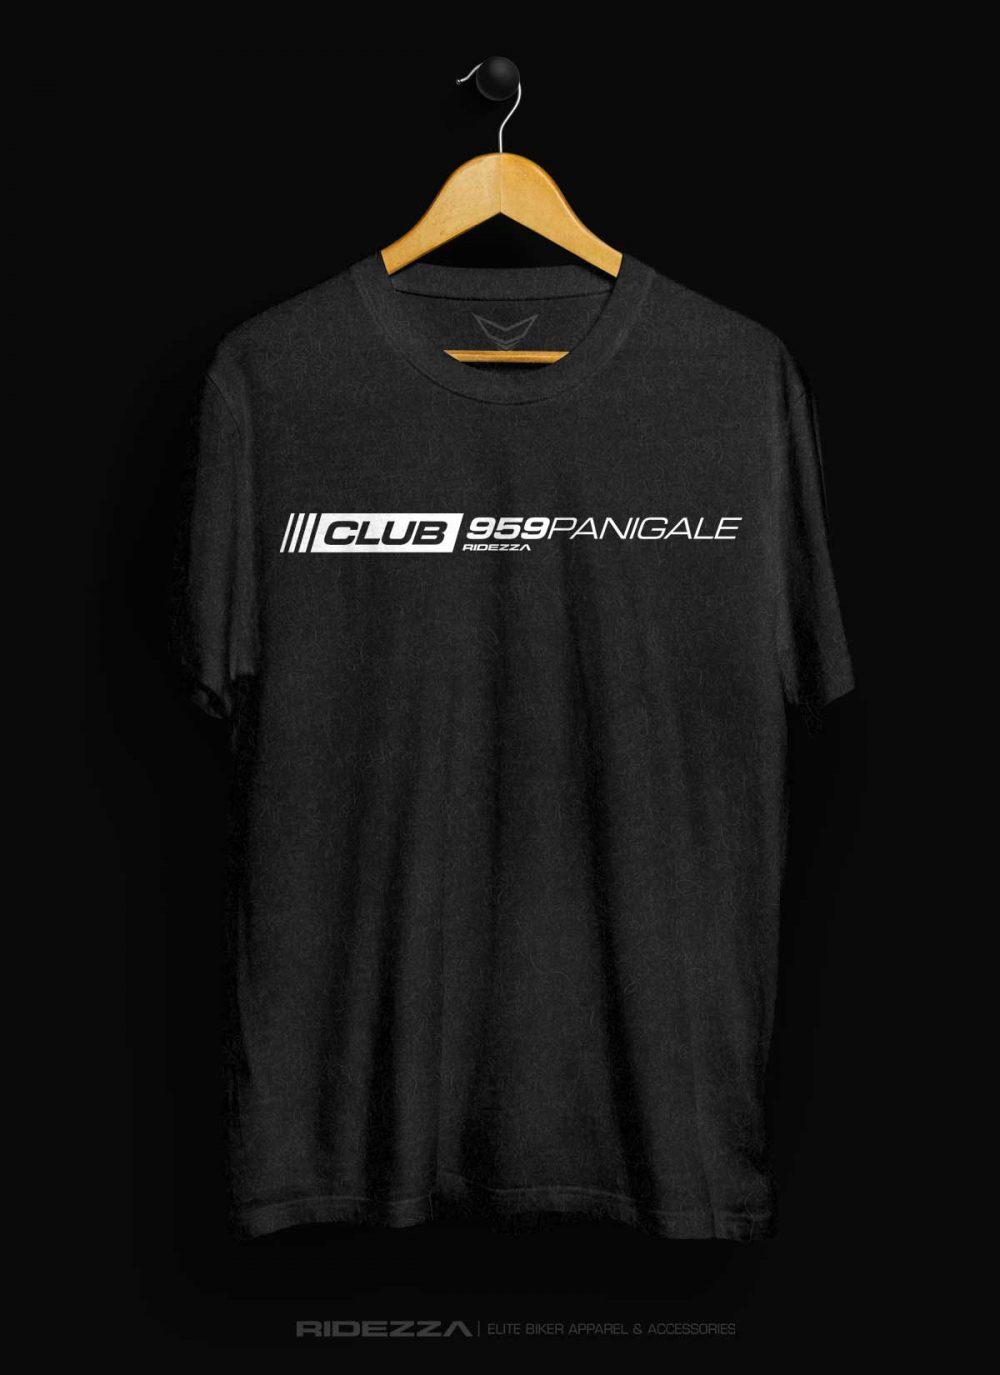 Ducati 959 Panigale Club T-Shirt